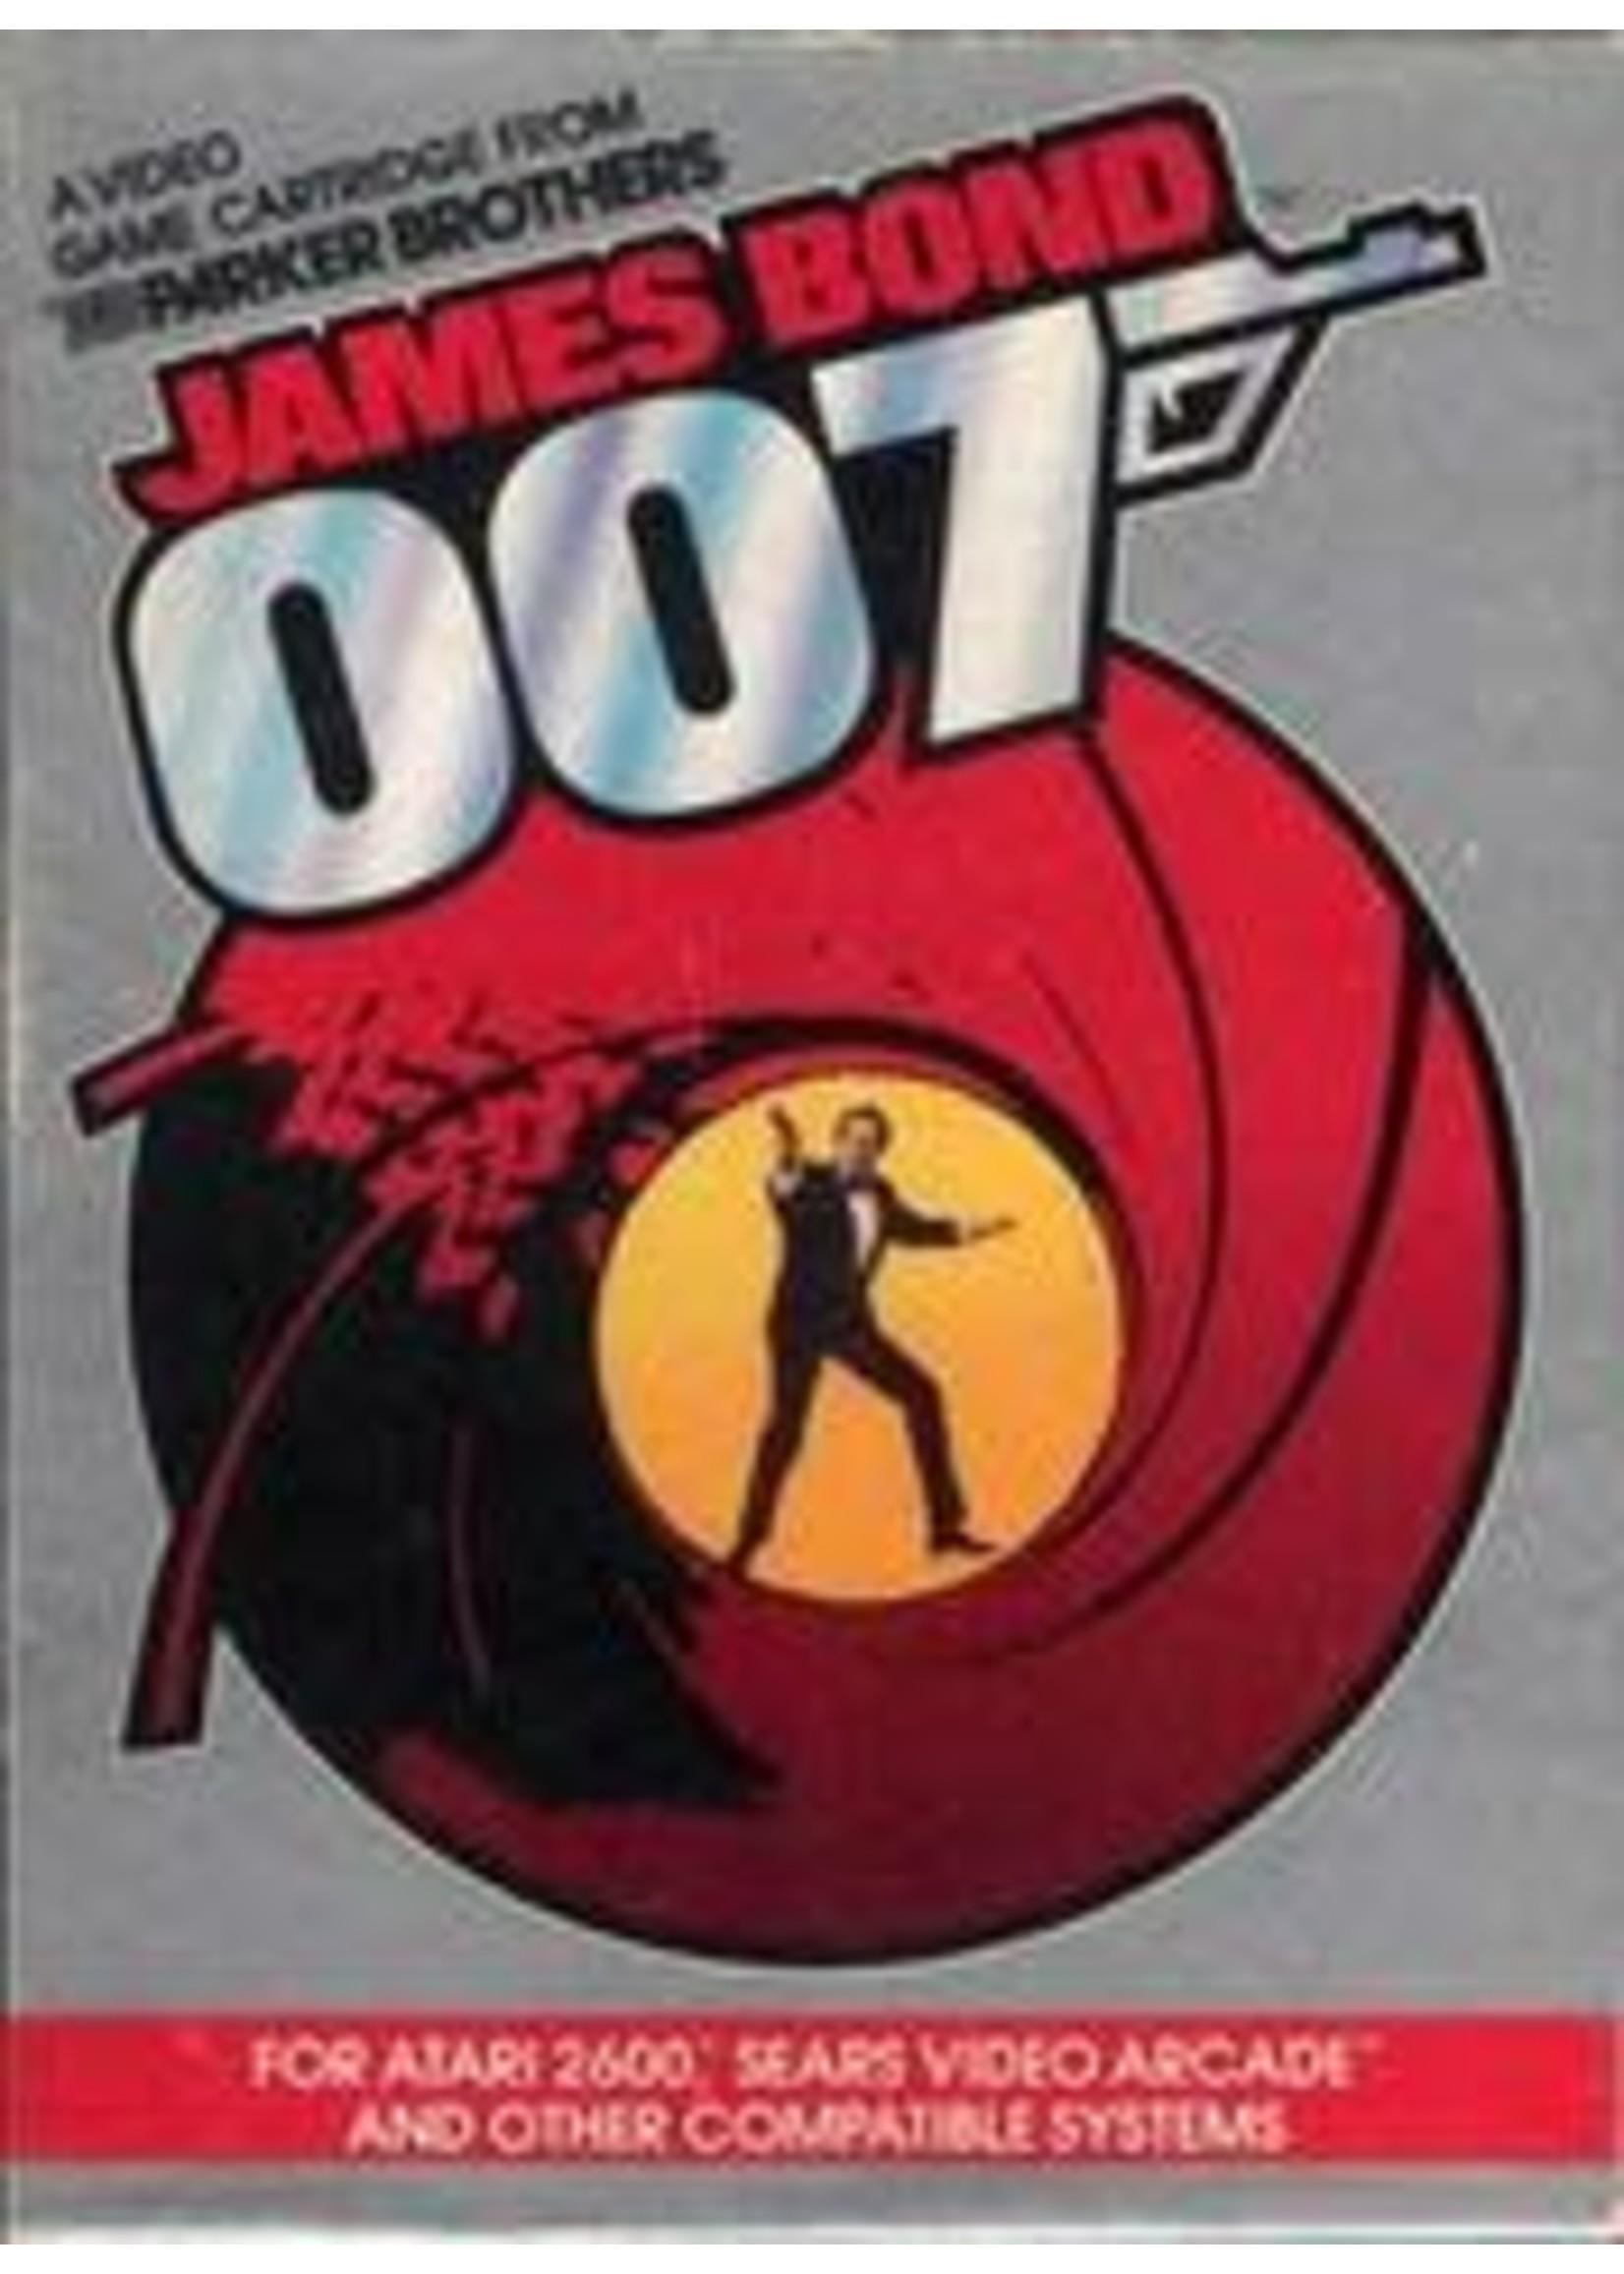 007 James Bond Atari 2600